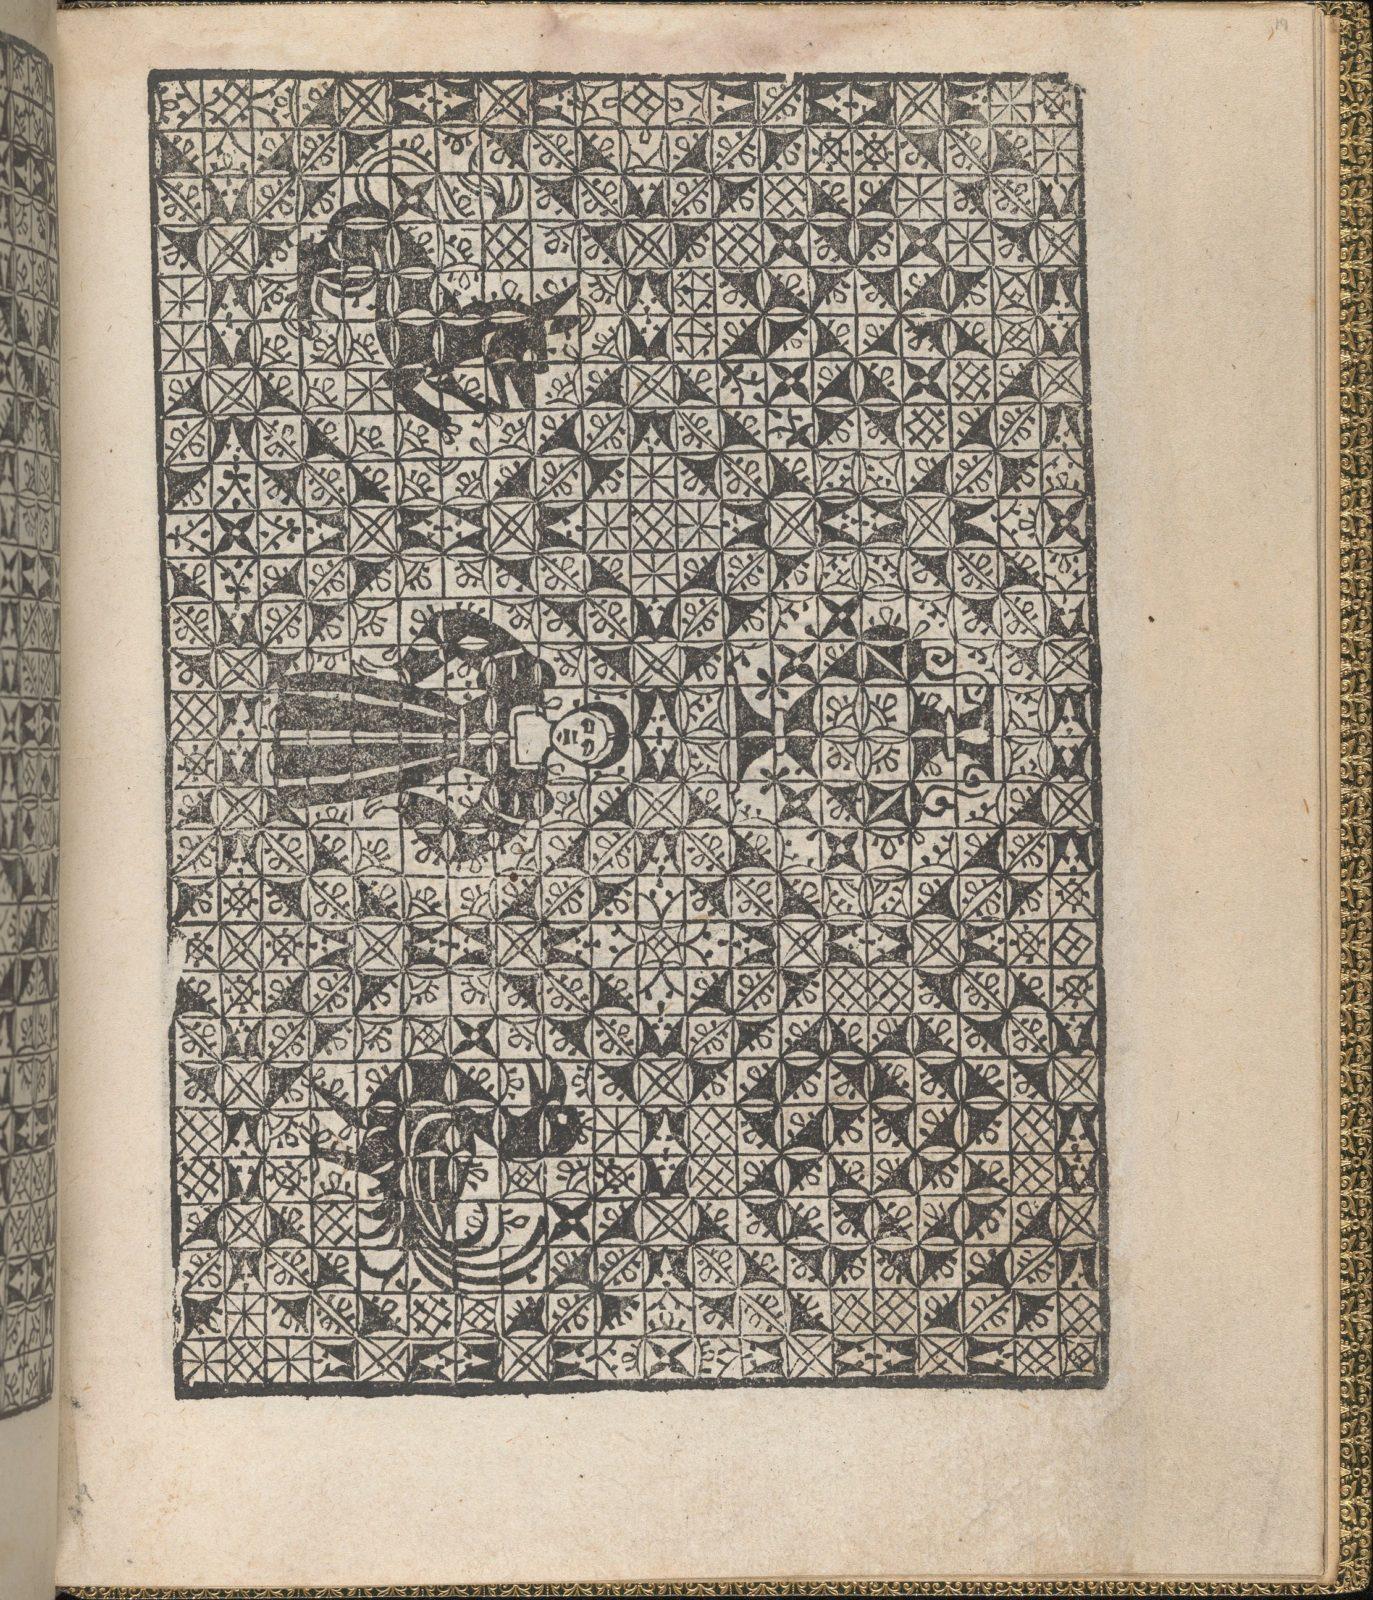 Giardineto novo di punti tagliati et gropposi per exercitio & ornamento delle donne (Venice 1554), page 10 (verso)